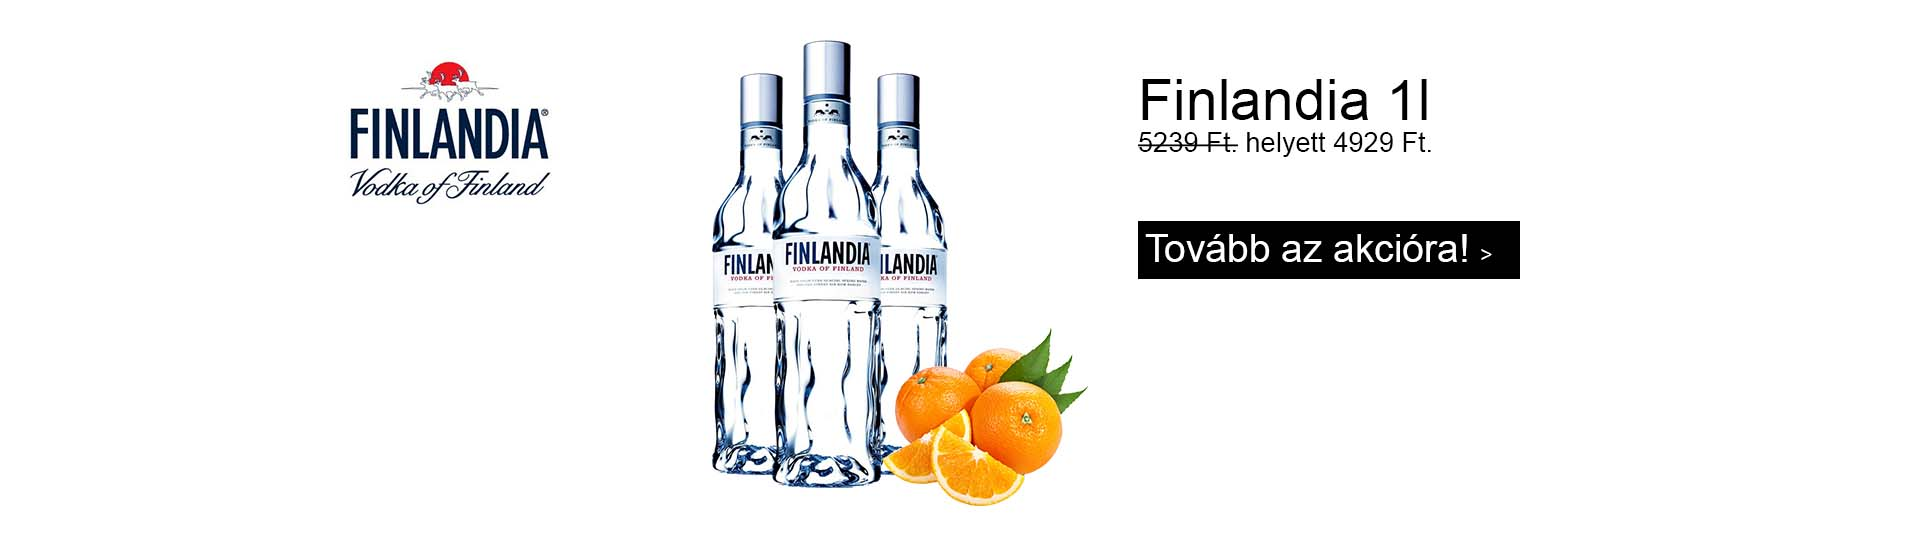 finlandia-akcio